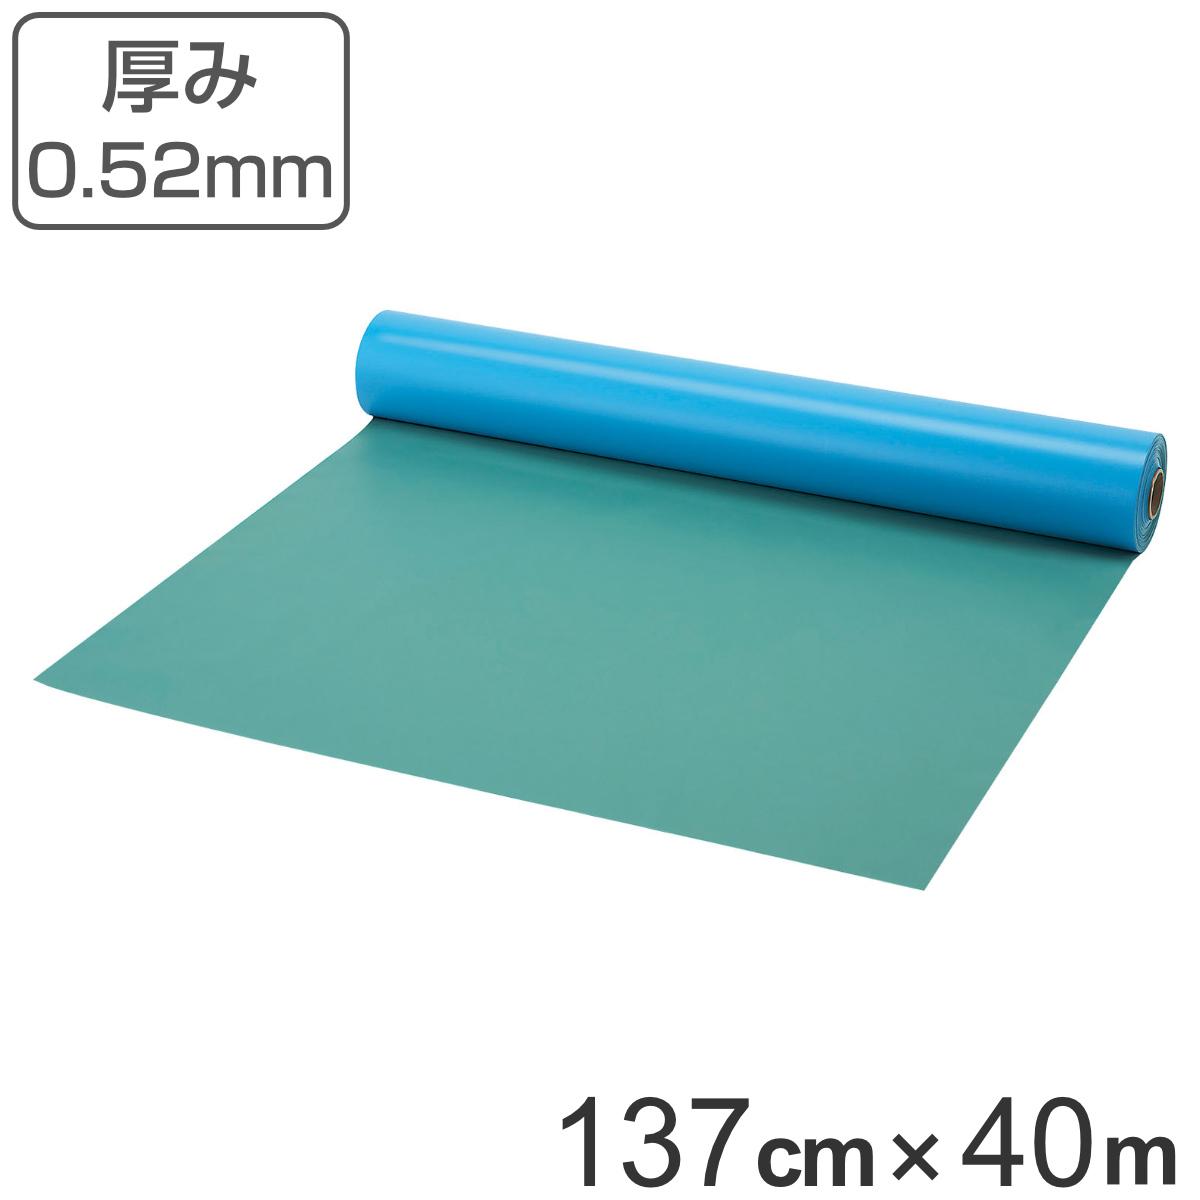 体育館用保護シート ニュ-フロアシート 0.52mm厚 40m巻 送料無料